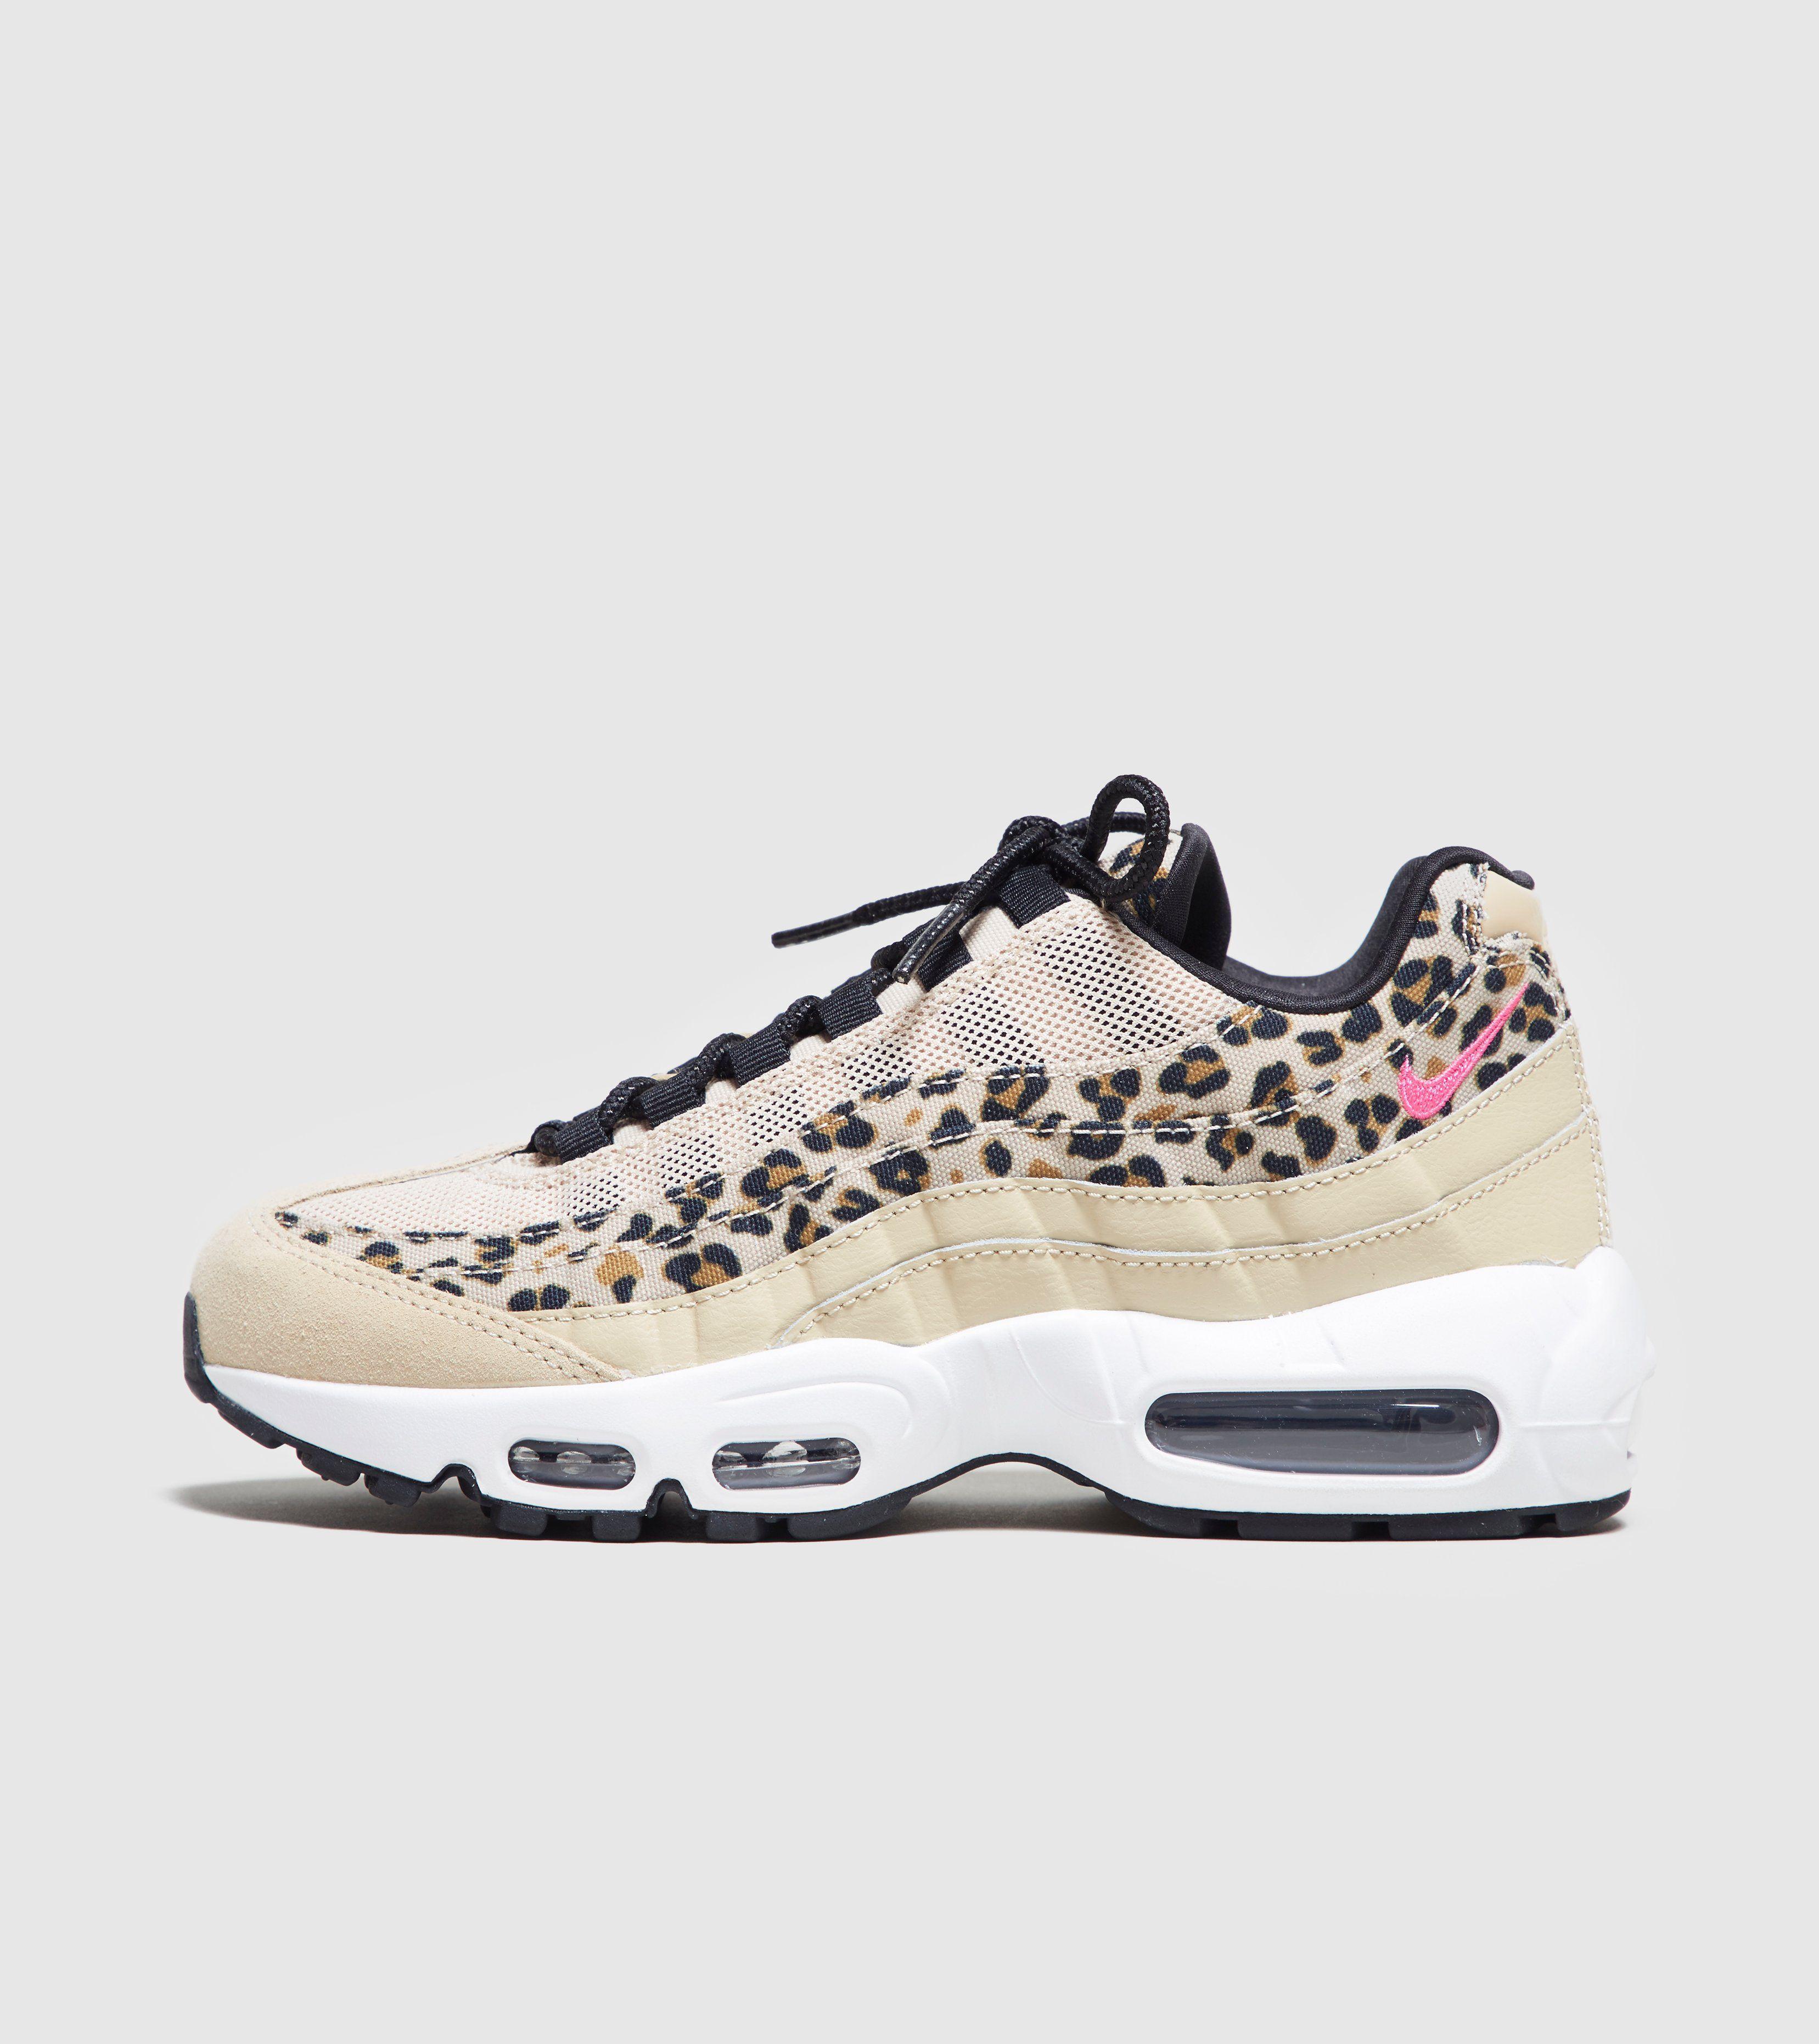 Nike Air Max 95 'Leopard Print' Women's